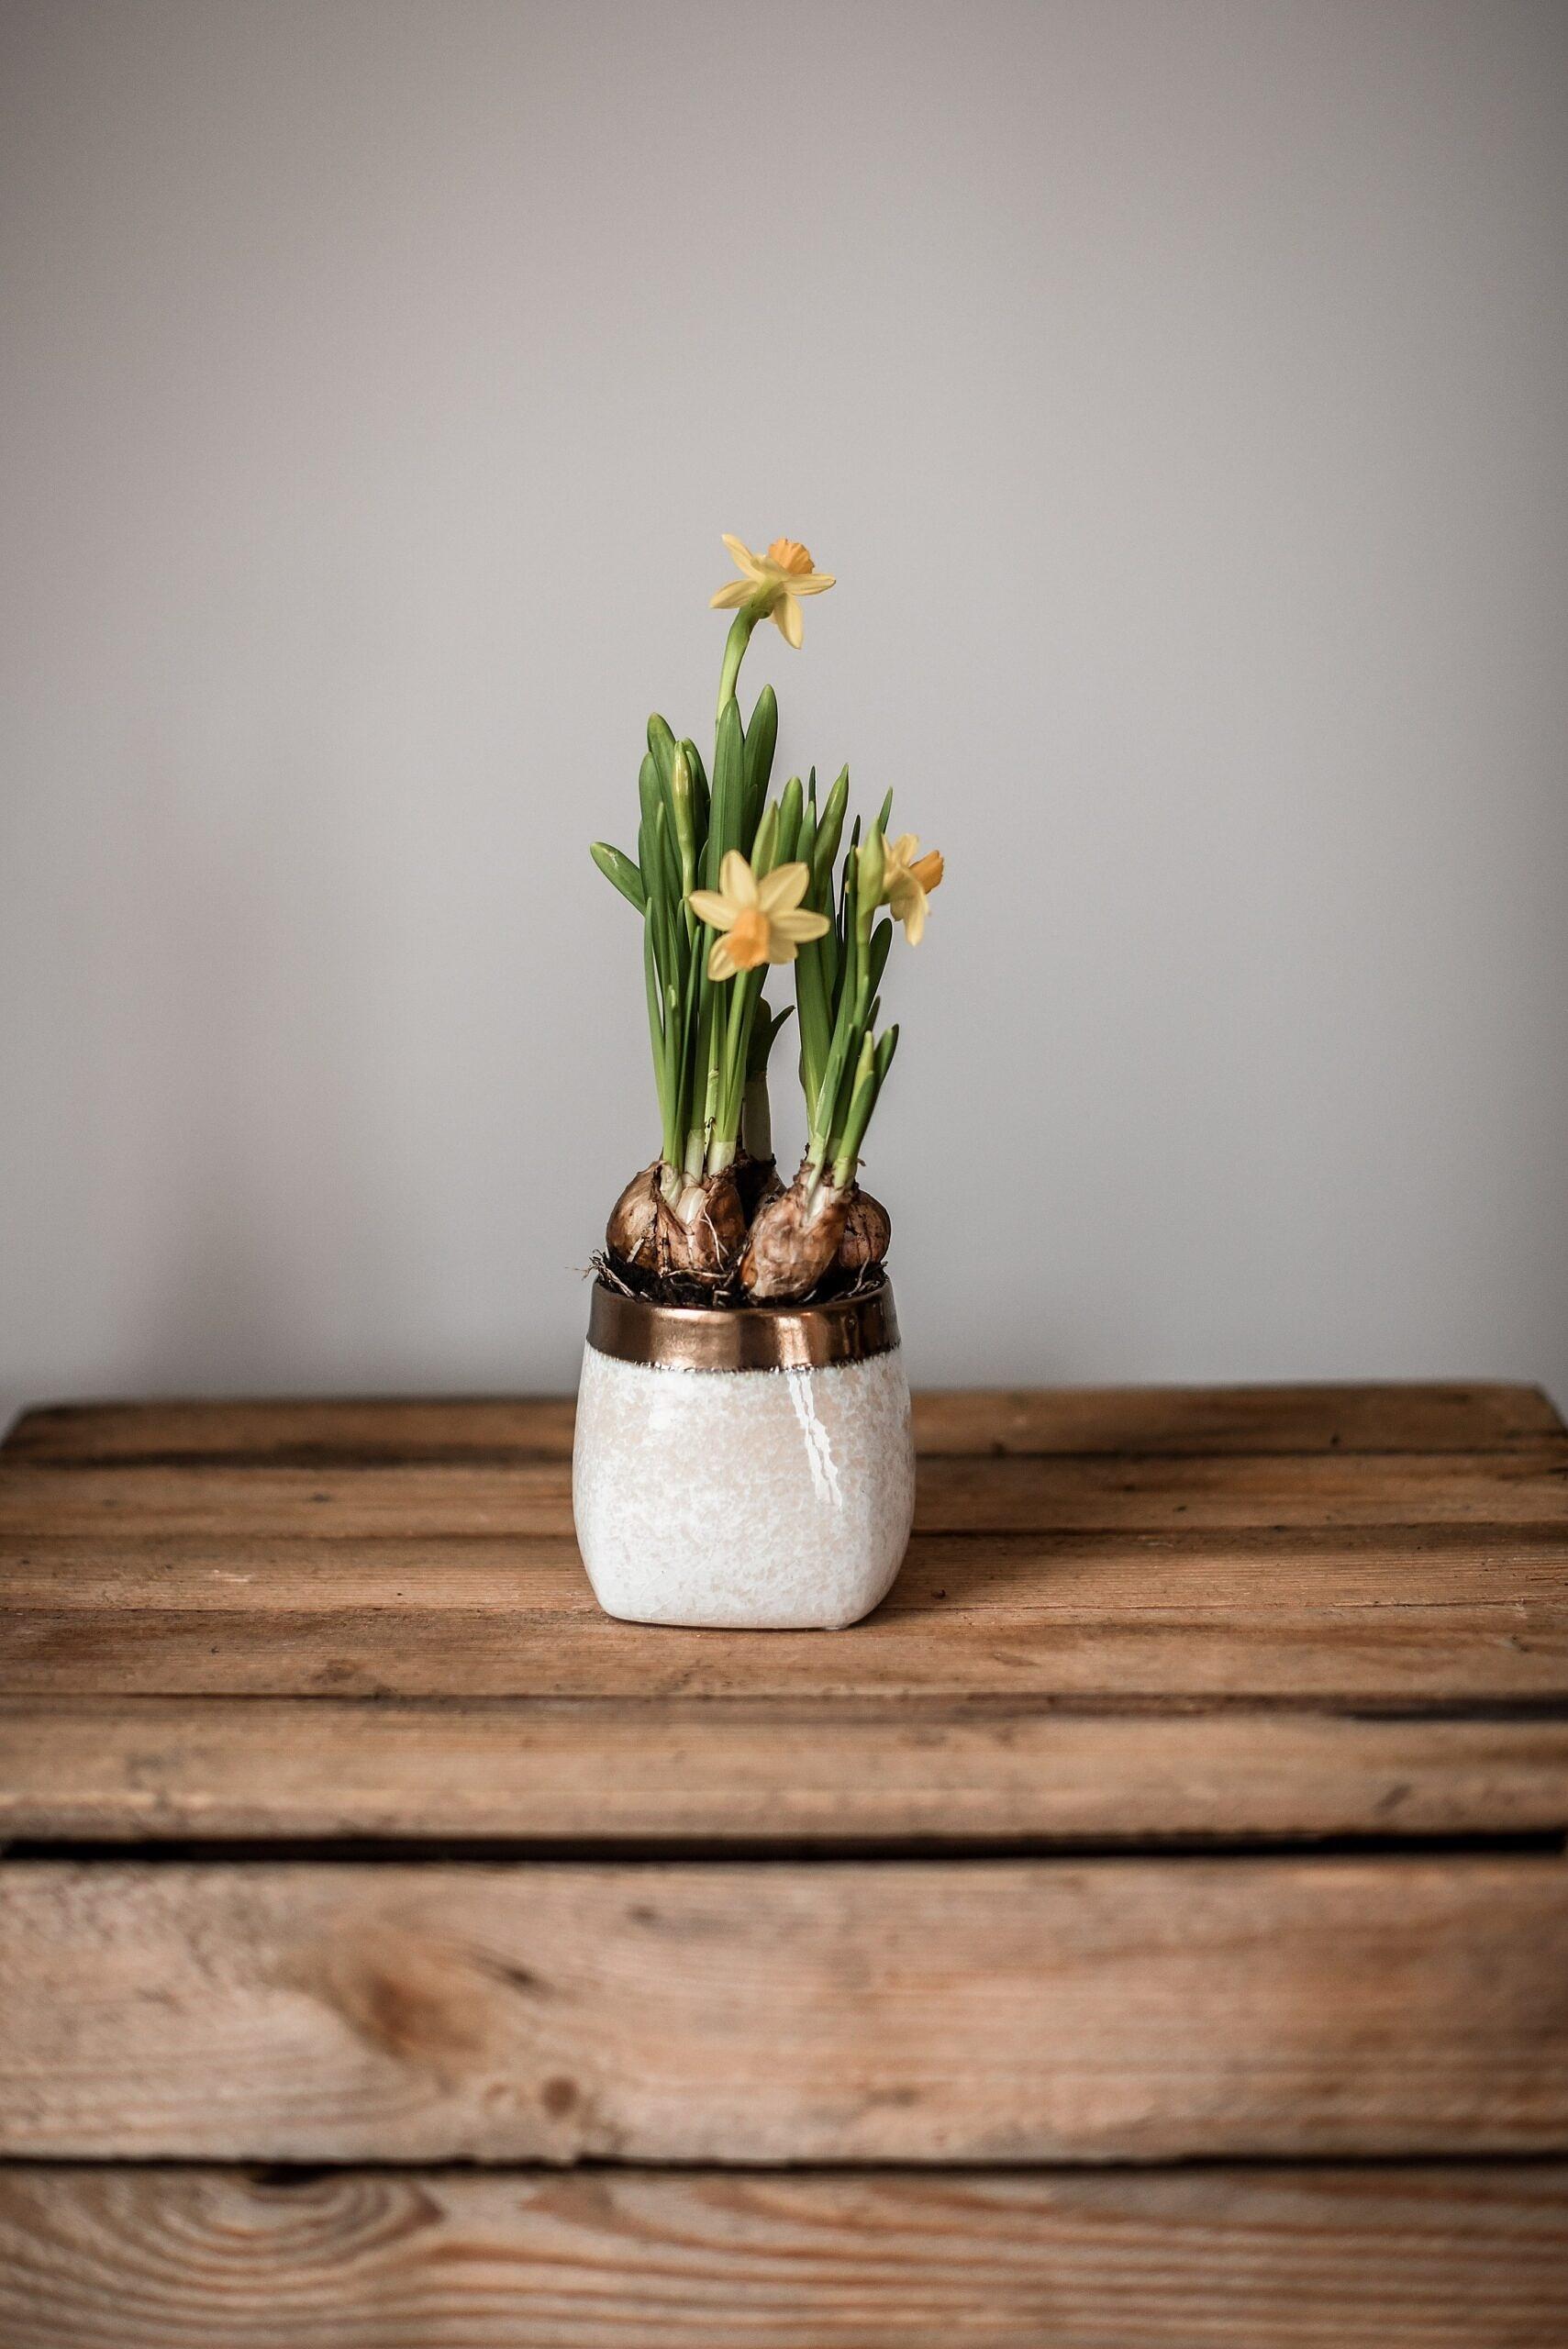 narcizai, pavasario geles, vazonas, vazonas augalui, vazoniniai augalai, geles vilniuje, geles i namus, dovana, happy flowers, narcizai pasipuosti, velyku dekoracija